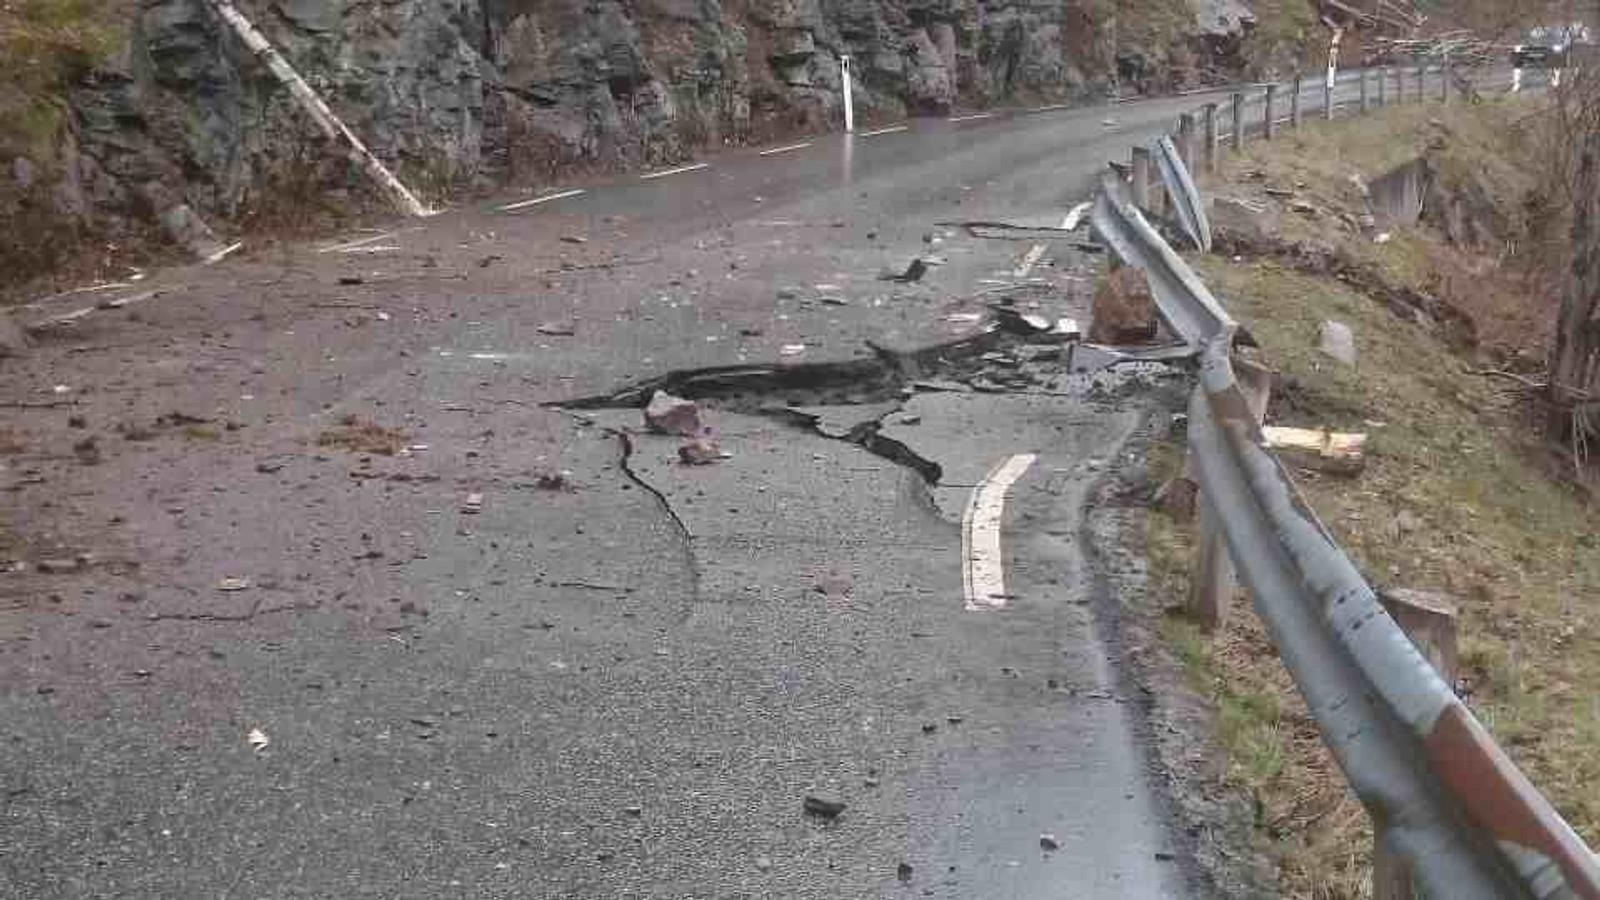 Slik såg det ut like etter at raset gjekk. Det er tydelege spor etter steinar som forsvann vidare ned mot fjorden.